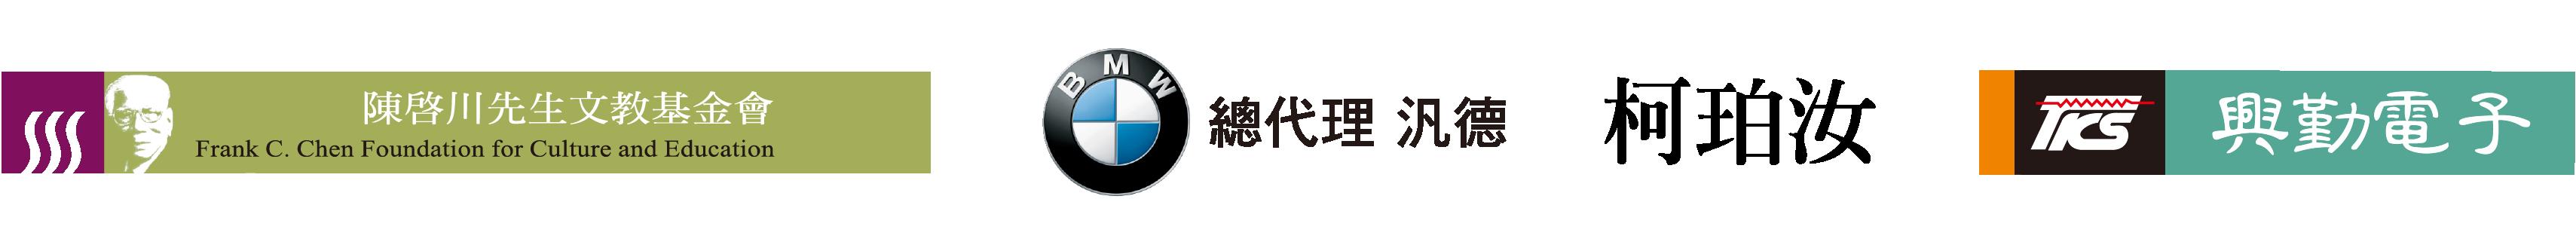 贊助單位標誌:陳啟川先生文教基金會、BMW總代理 汎德、柯珀汝、興勤電子